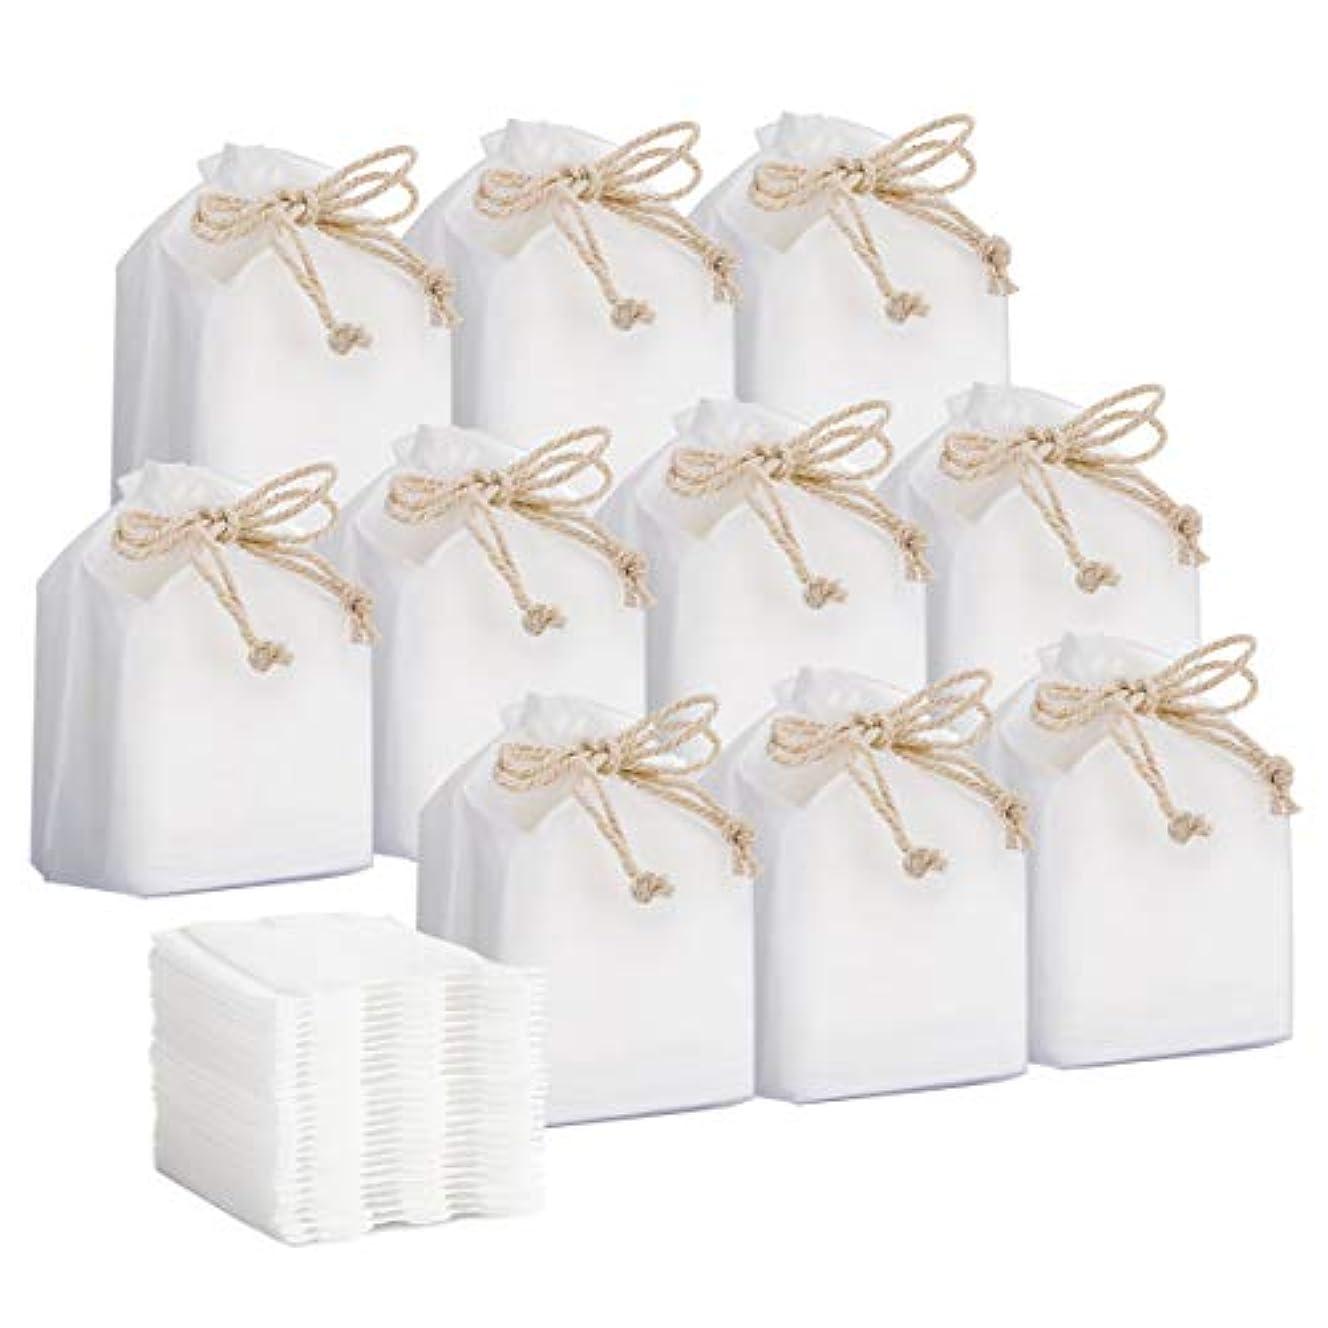 区別これらバストコットン Luxspire 化粧綿 クリーンパフ サイドシールタイプ やわらかな天然綿 お肌にやさしい 毛羽立たない メイク落とし用 クレンジング 化粧用コットン 6cm x 5cm 30枚入 x 10個パック White